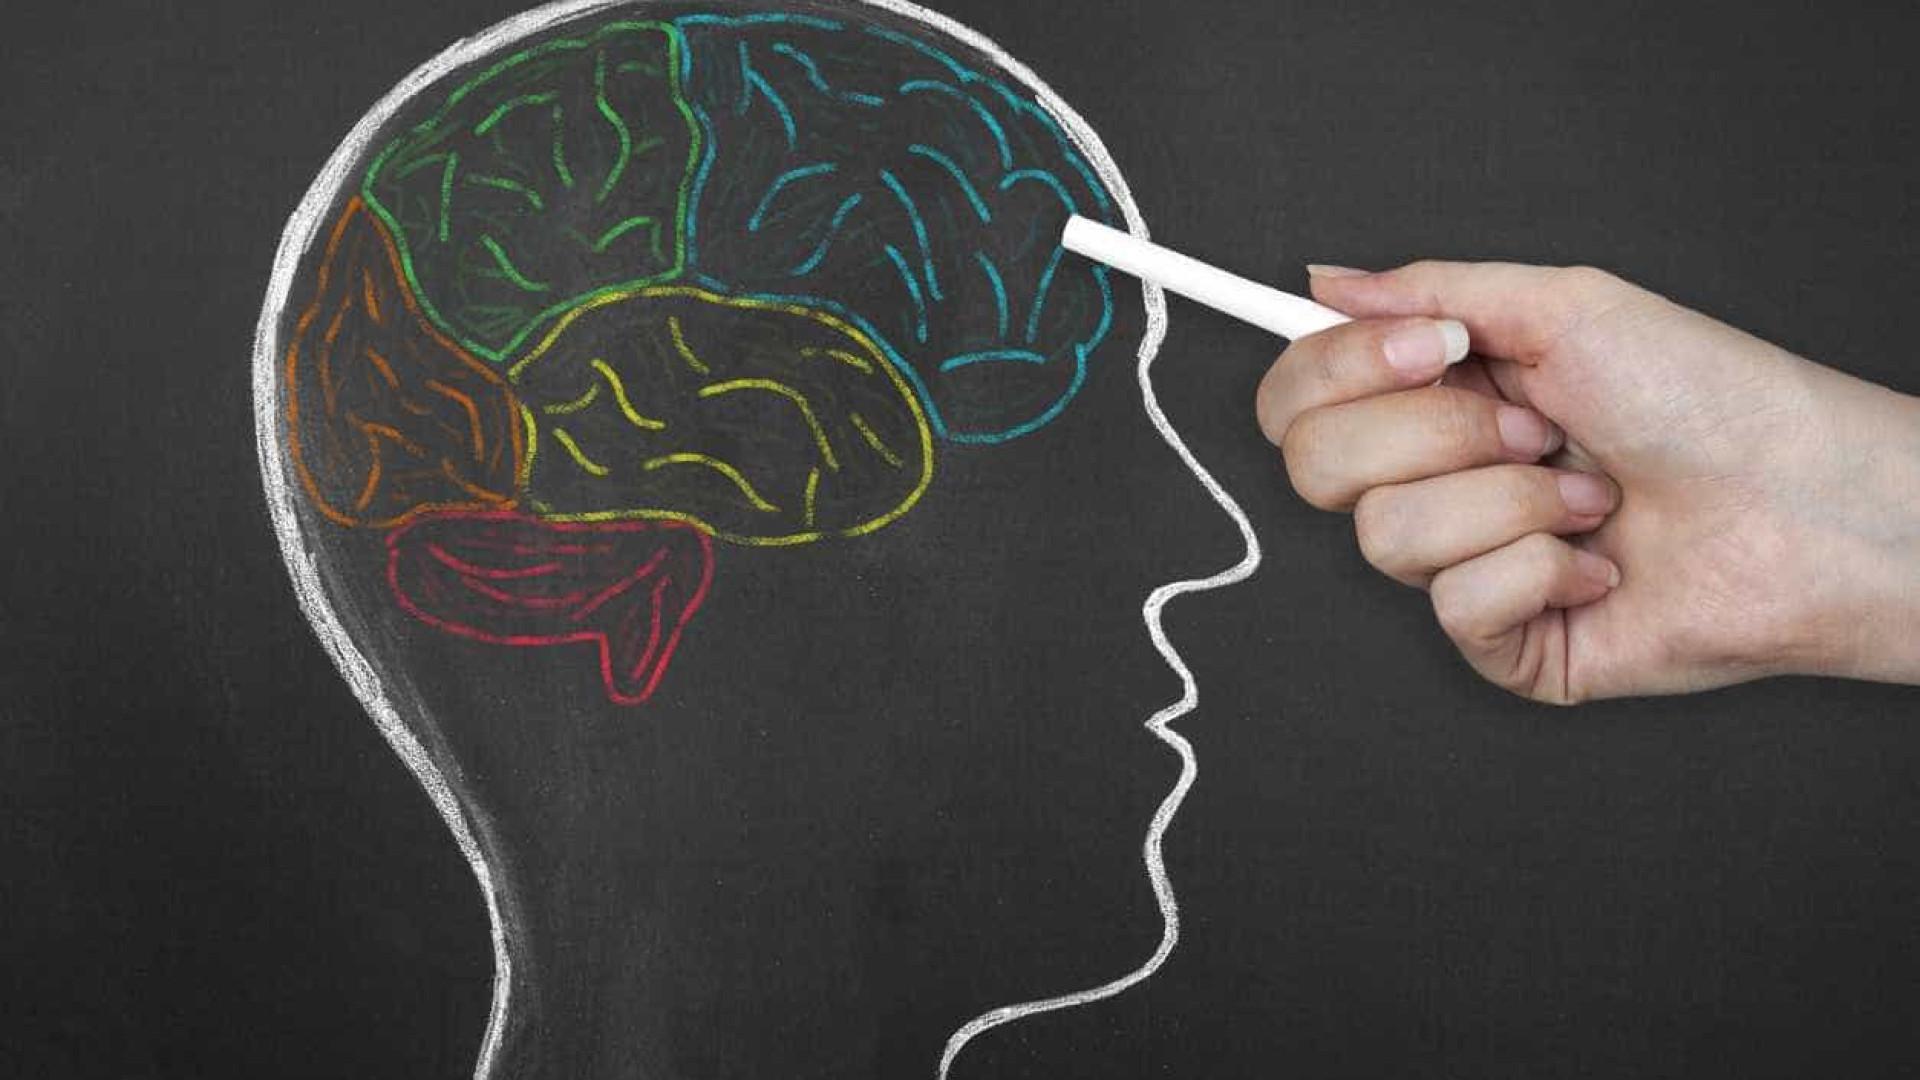 Encephalophone: Ignore o palavrão. Este instrumento toca-se com o cérebro